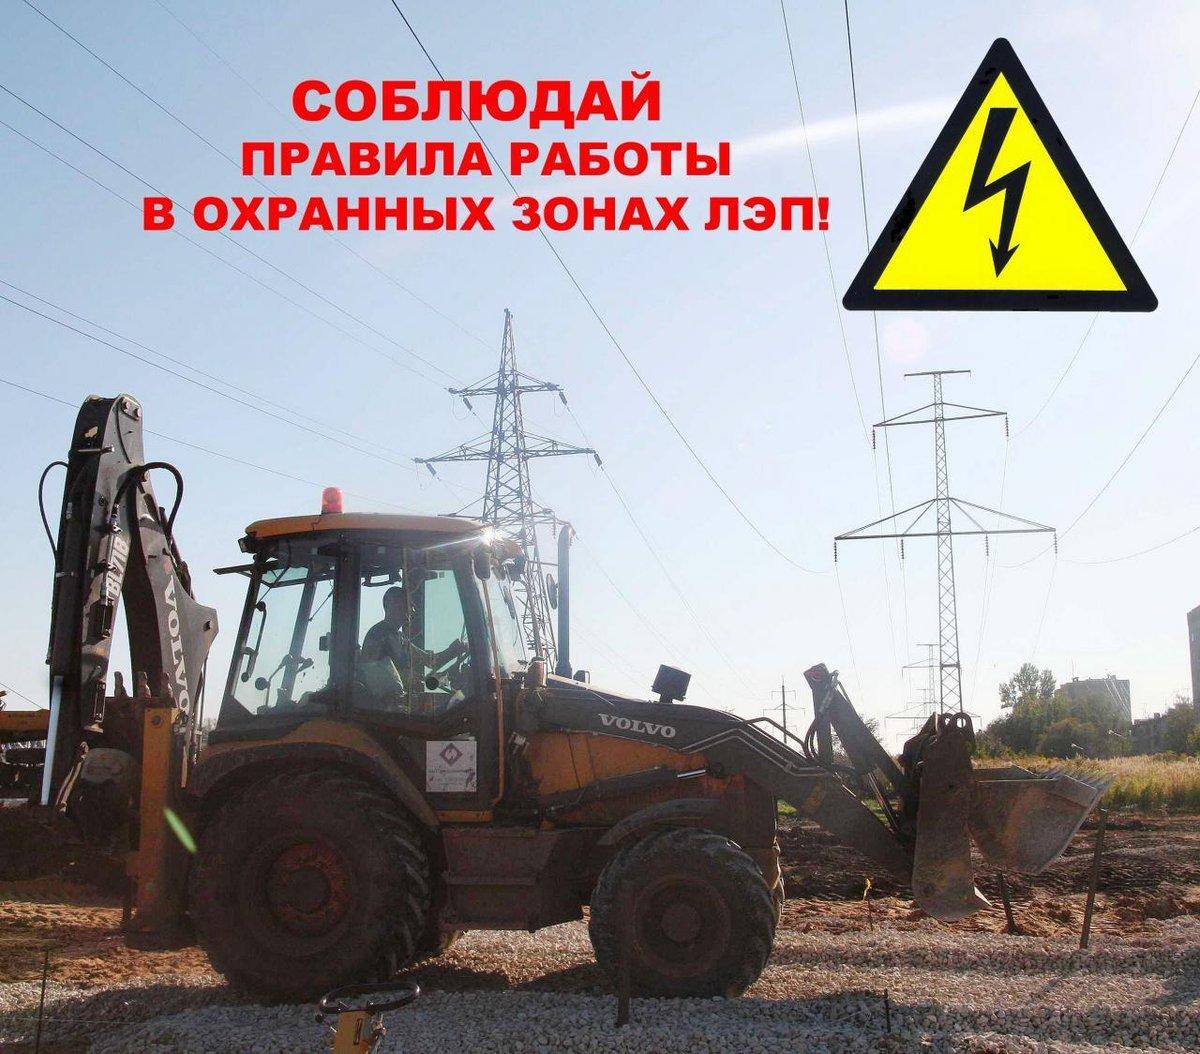 Энергетики филиала «Россети Центр Смоленскэнерго» предупреждают: эксплуатация крупногабаритной техники в охранных зонах ЛЭП смертельно опасна